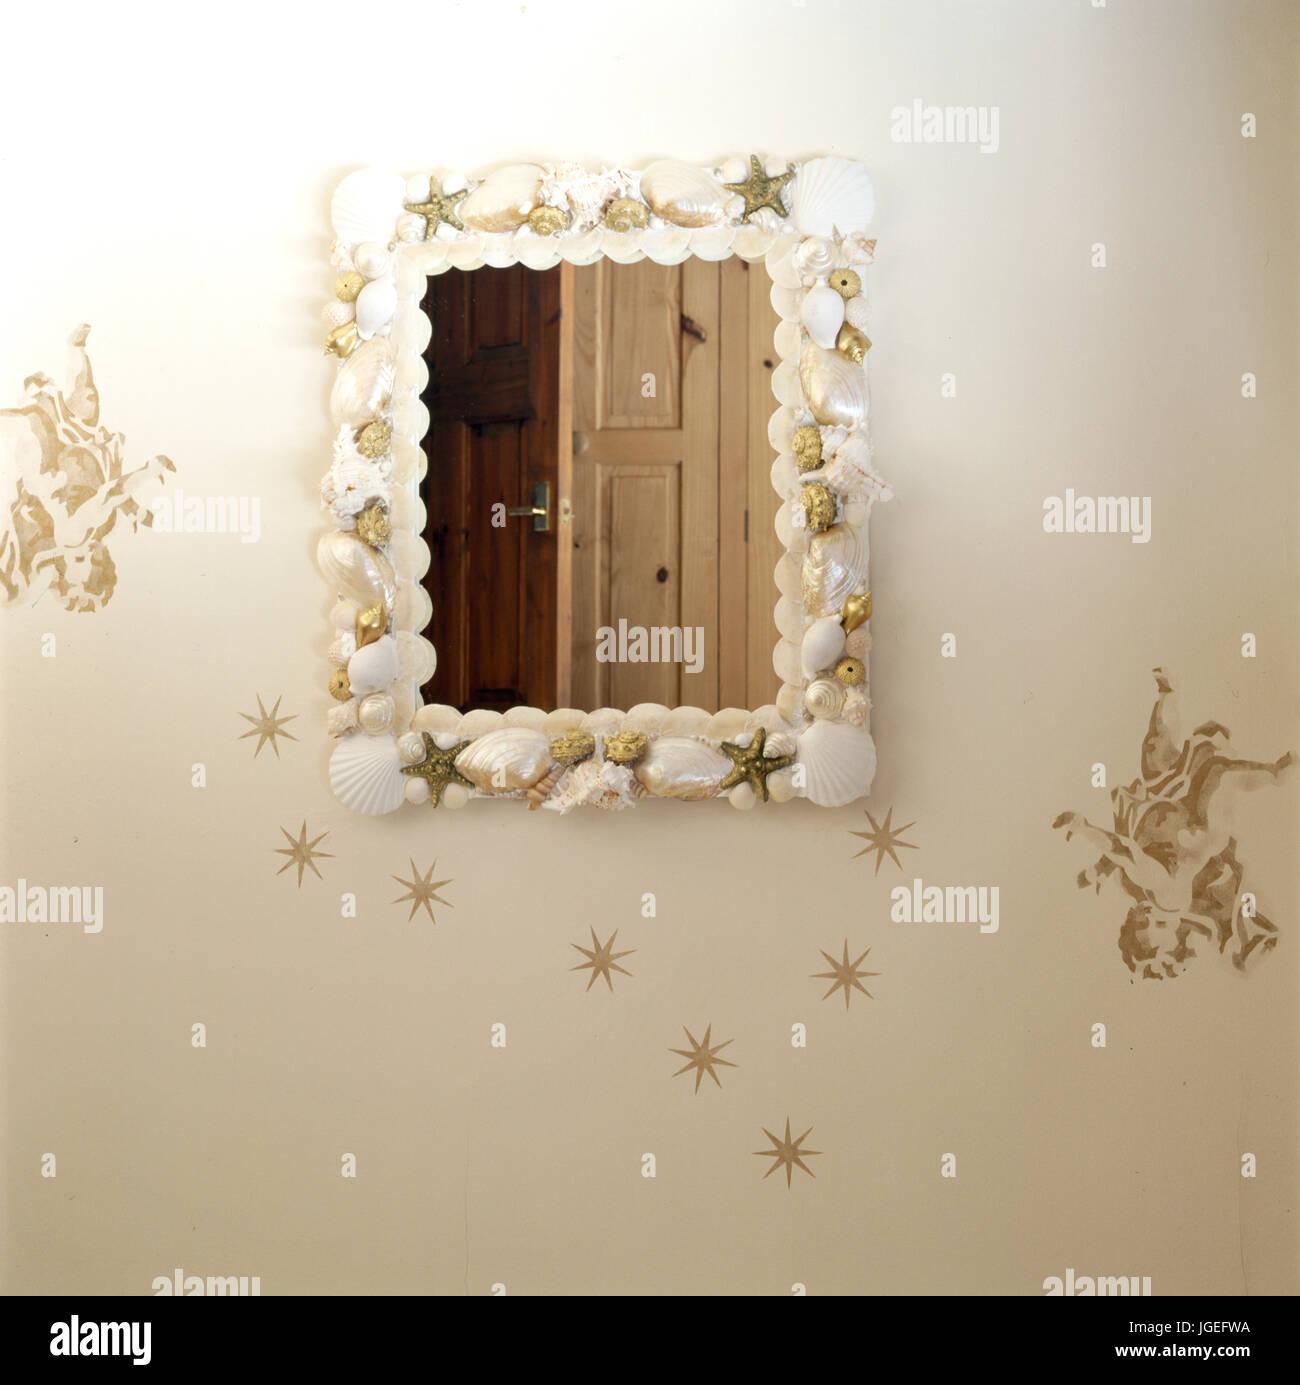 Hervorragend Spiegel mit Muscheln und Fisch auf Stenciled Wand dekoriert SM73